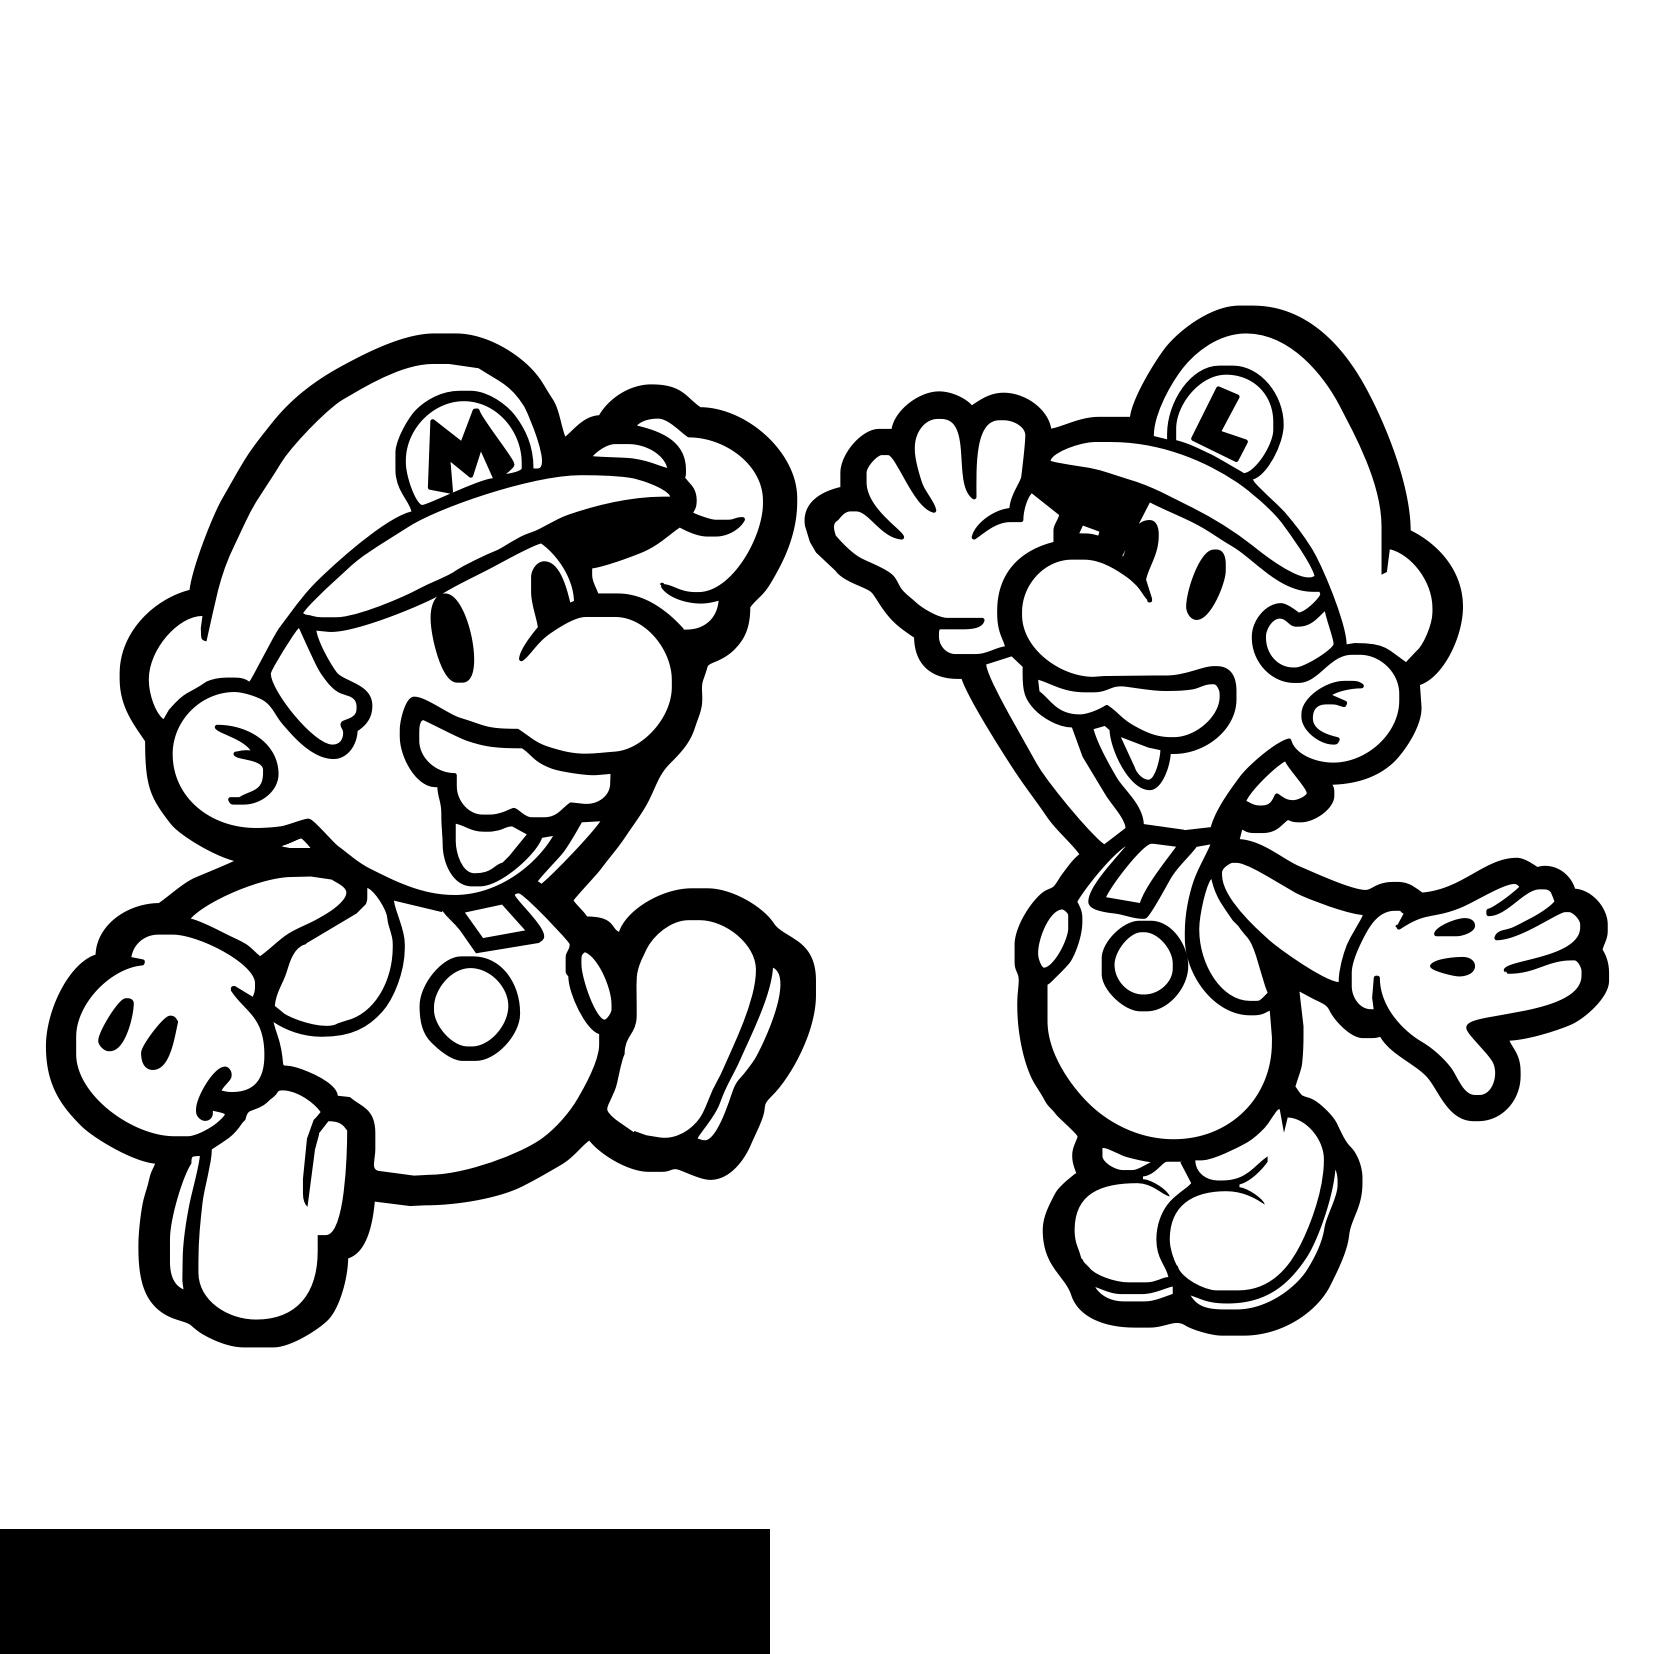 Coloriages Mario Bros Jeux Videos Album De Coloriages